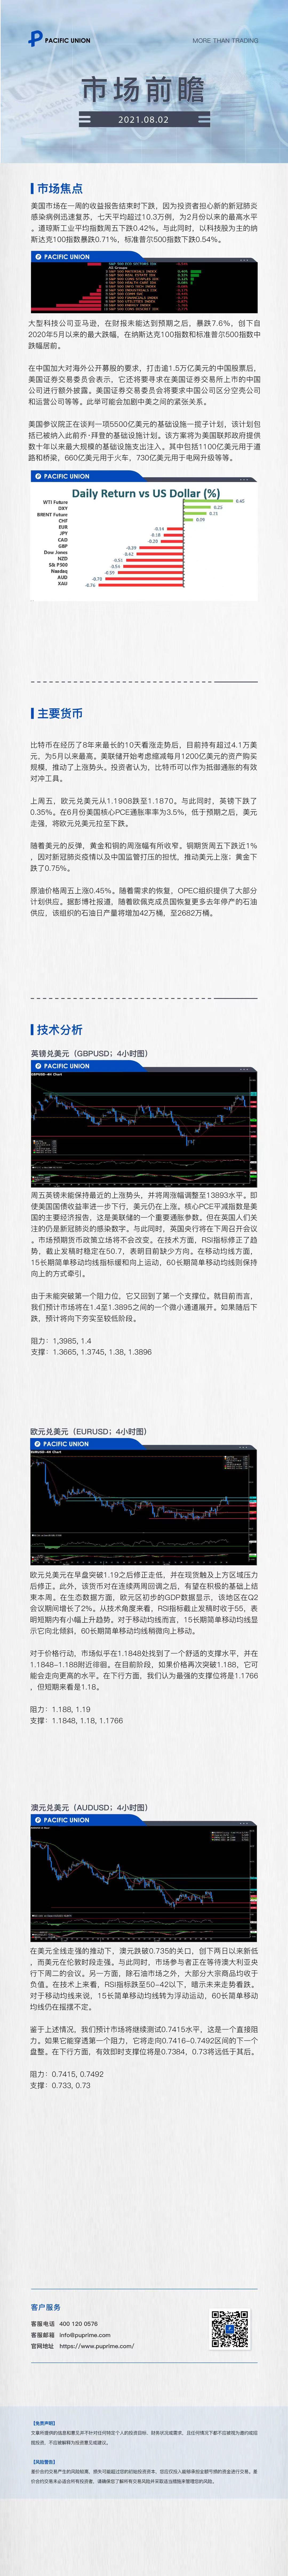 微信图片_20210802113703.jpg